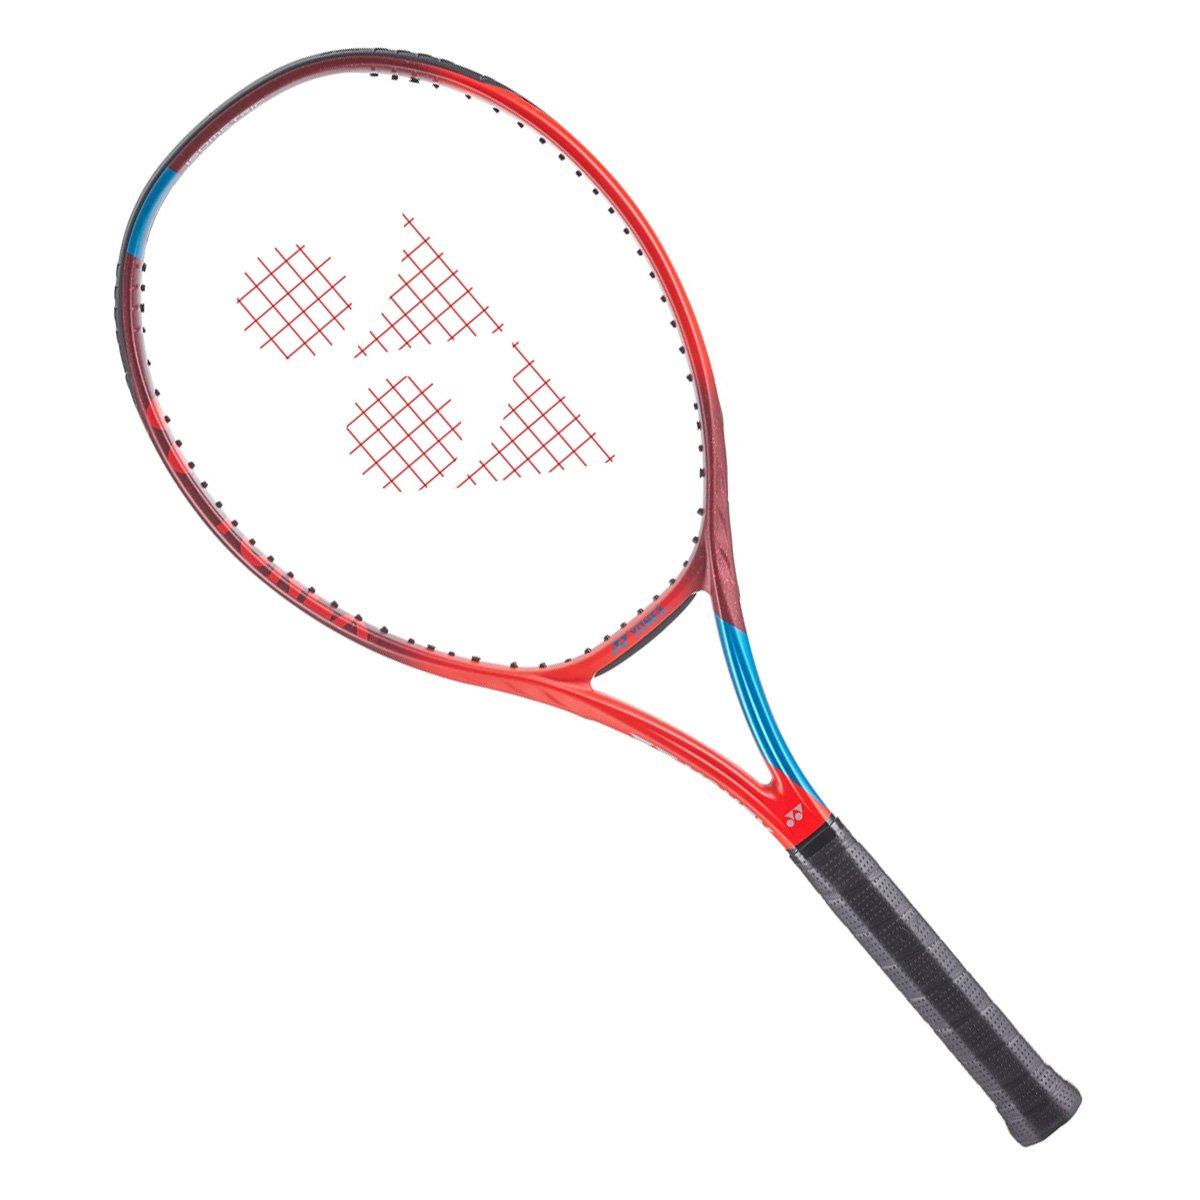 Raquete de Tênis Yonex Vcore 100 300g 2021 Vermelha